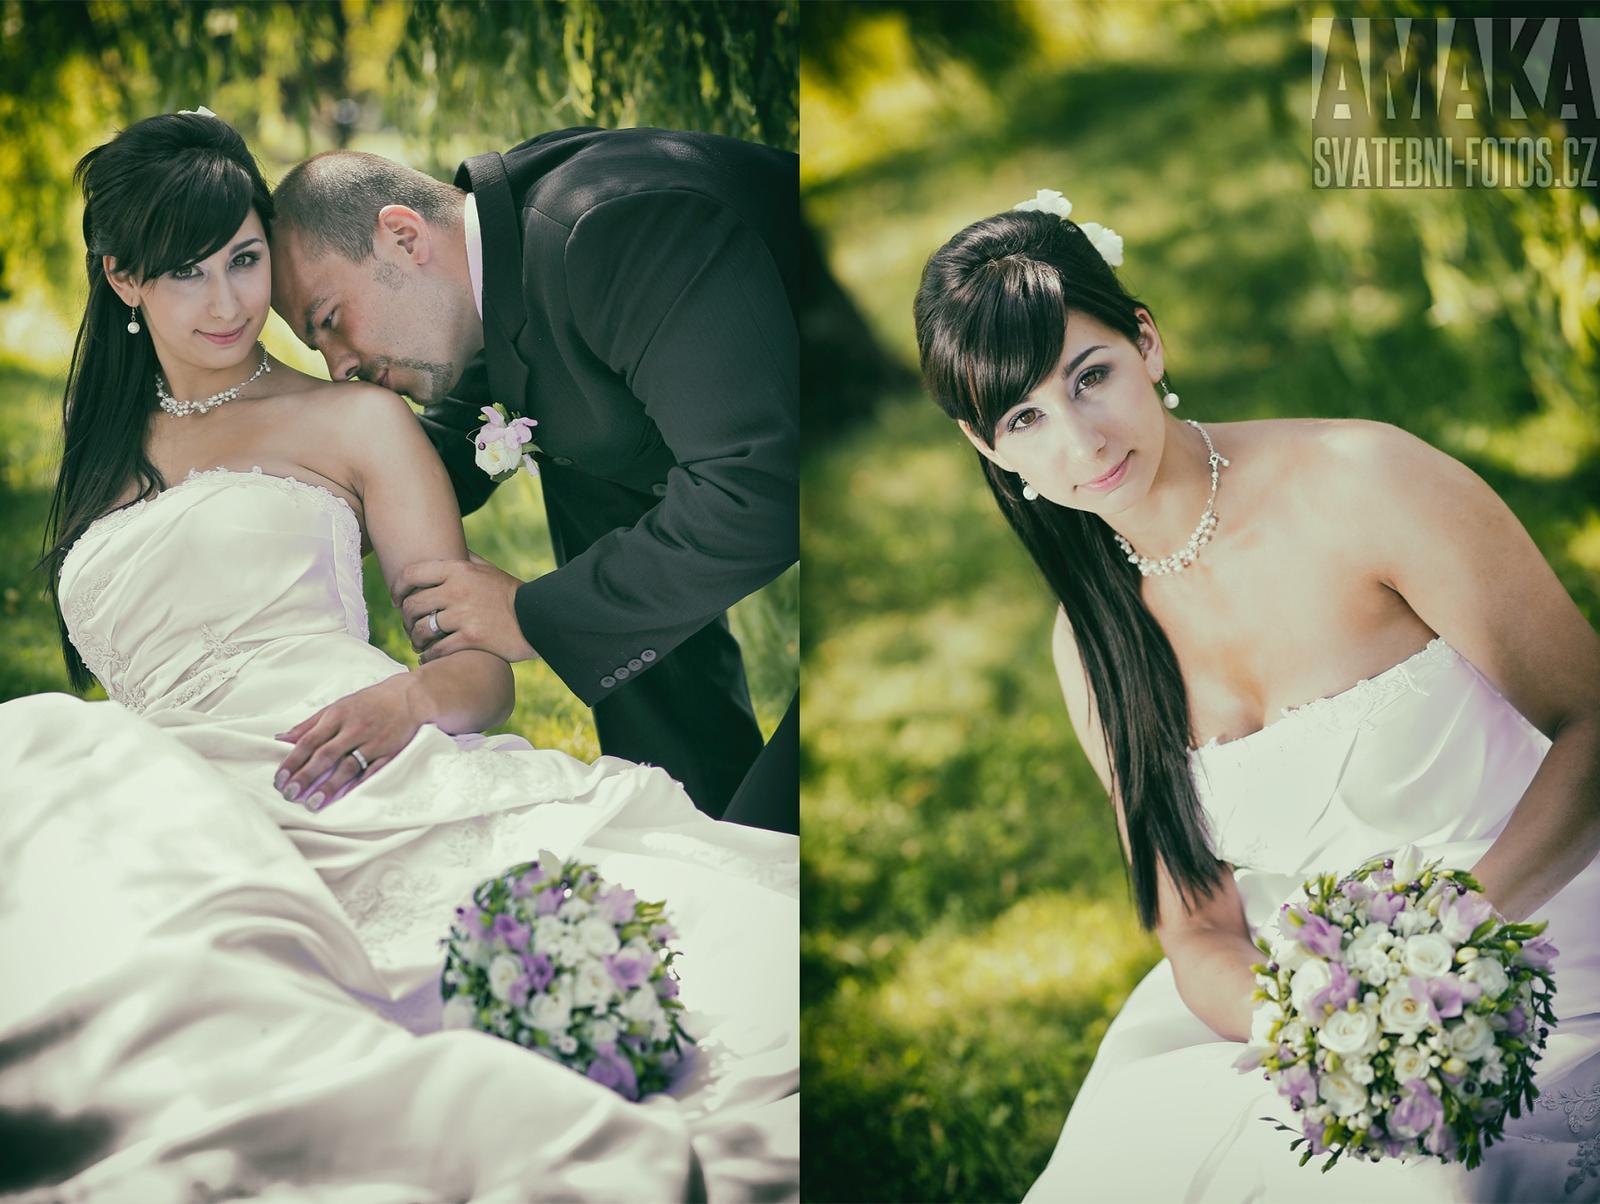 Rádi vám svatbu nafotíme.... - Obrázek č. 1